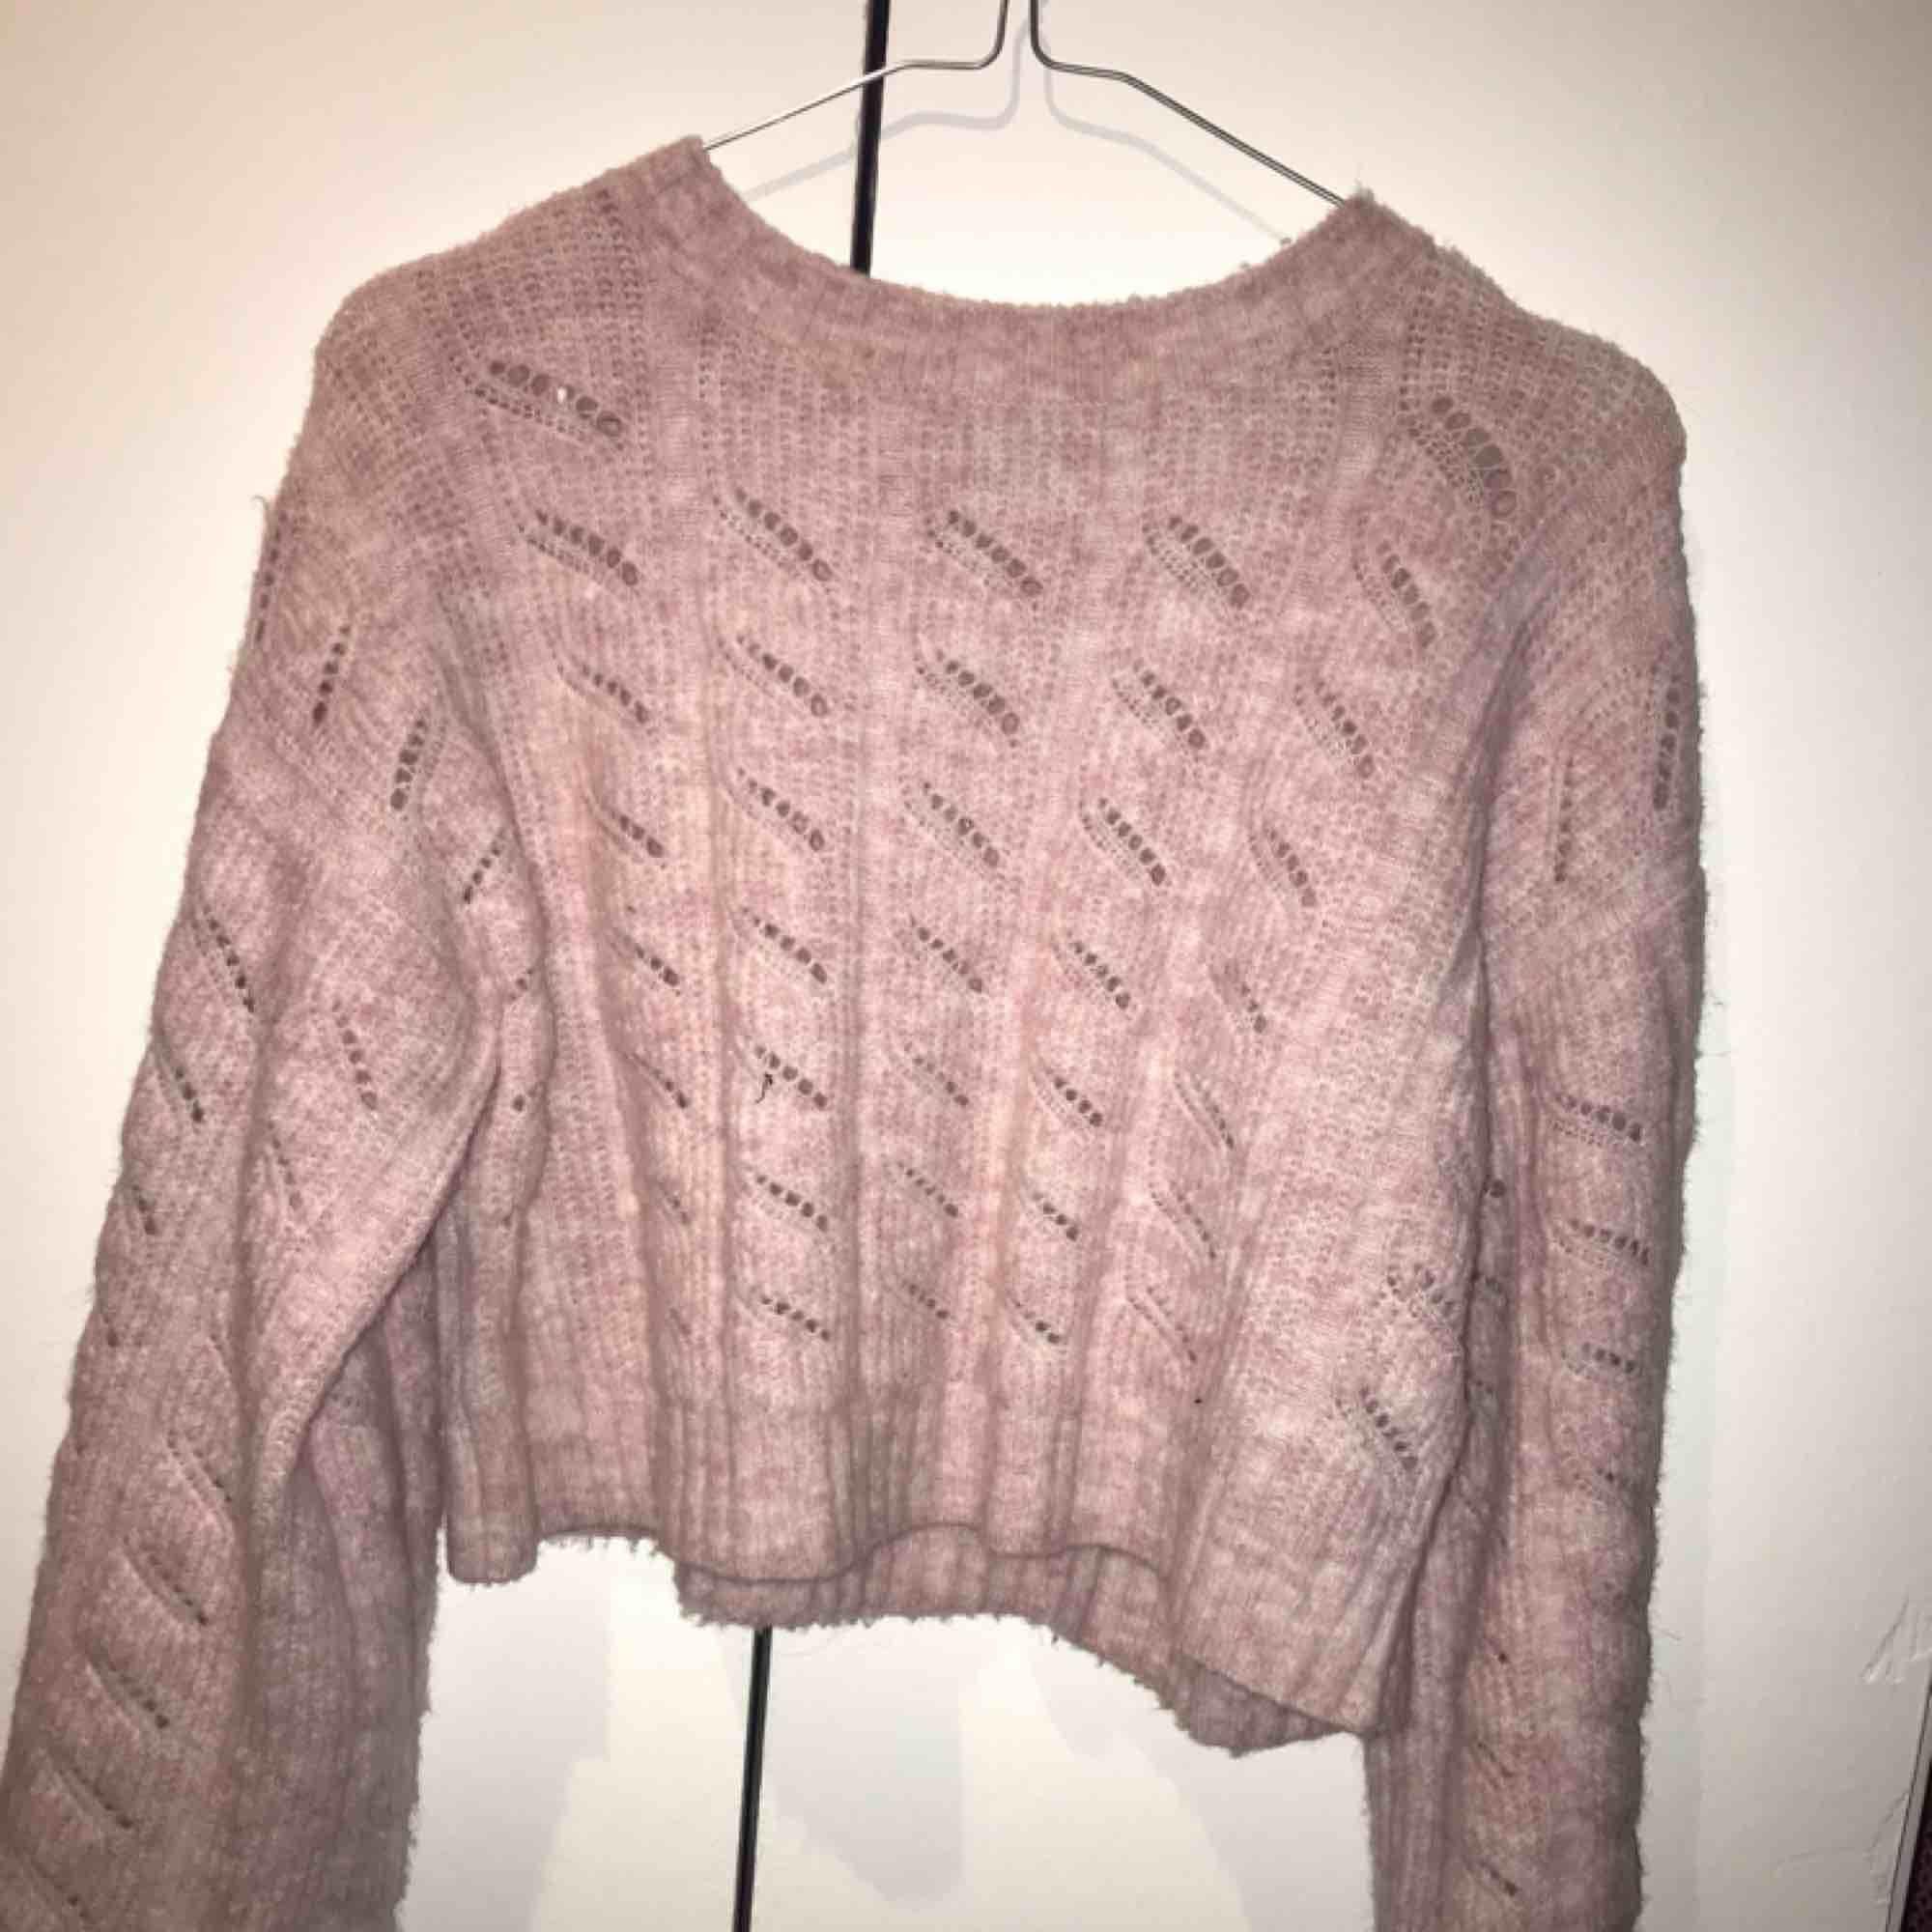 Rosa stickad, croppad tröja från Topshop. Väl använd men i bra skikt. Frakt tillkommer!. Stickat.